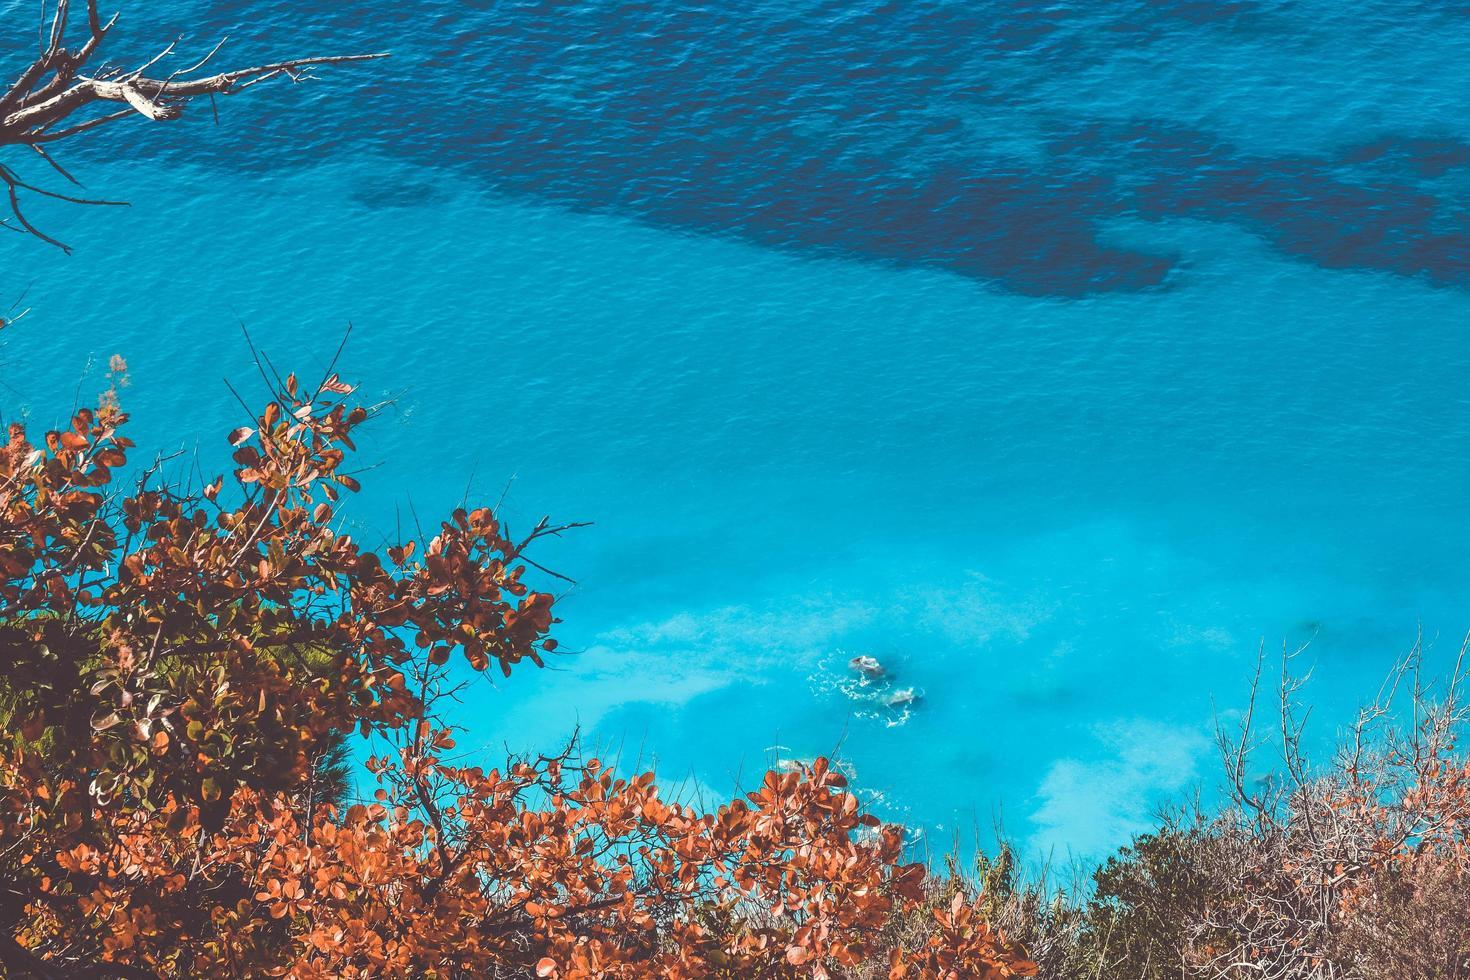 Blue ocean waters photo